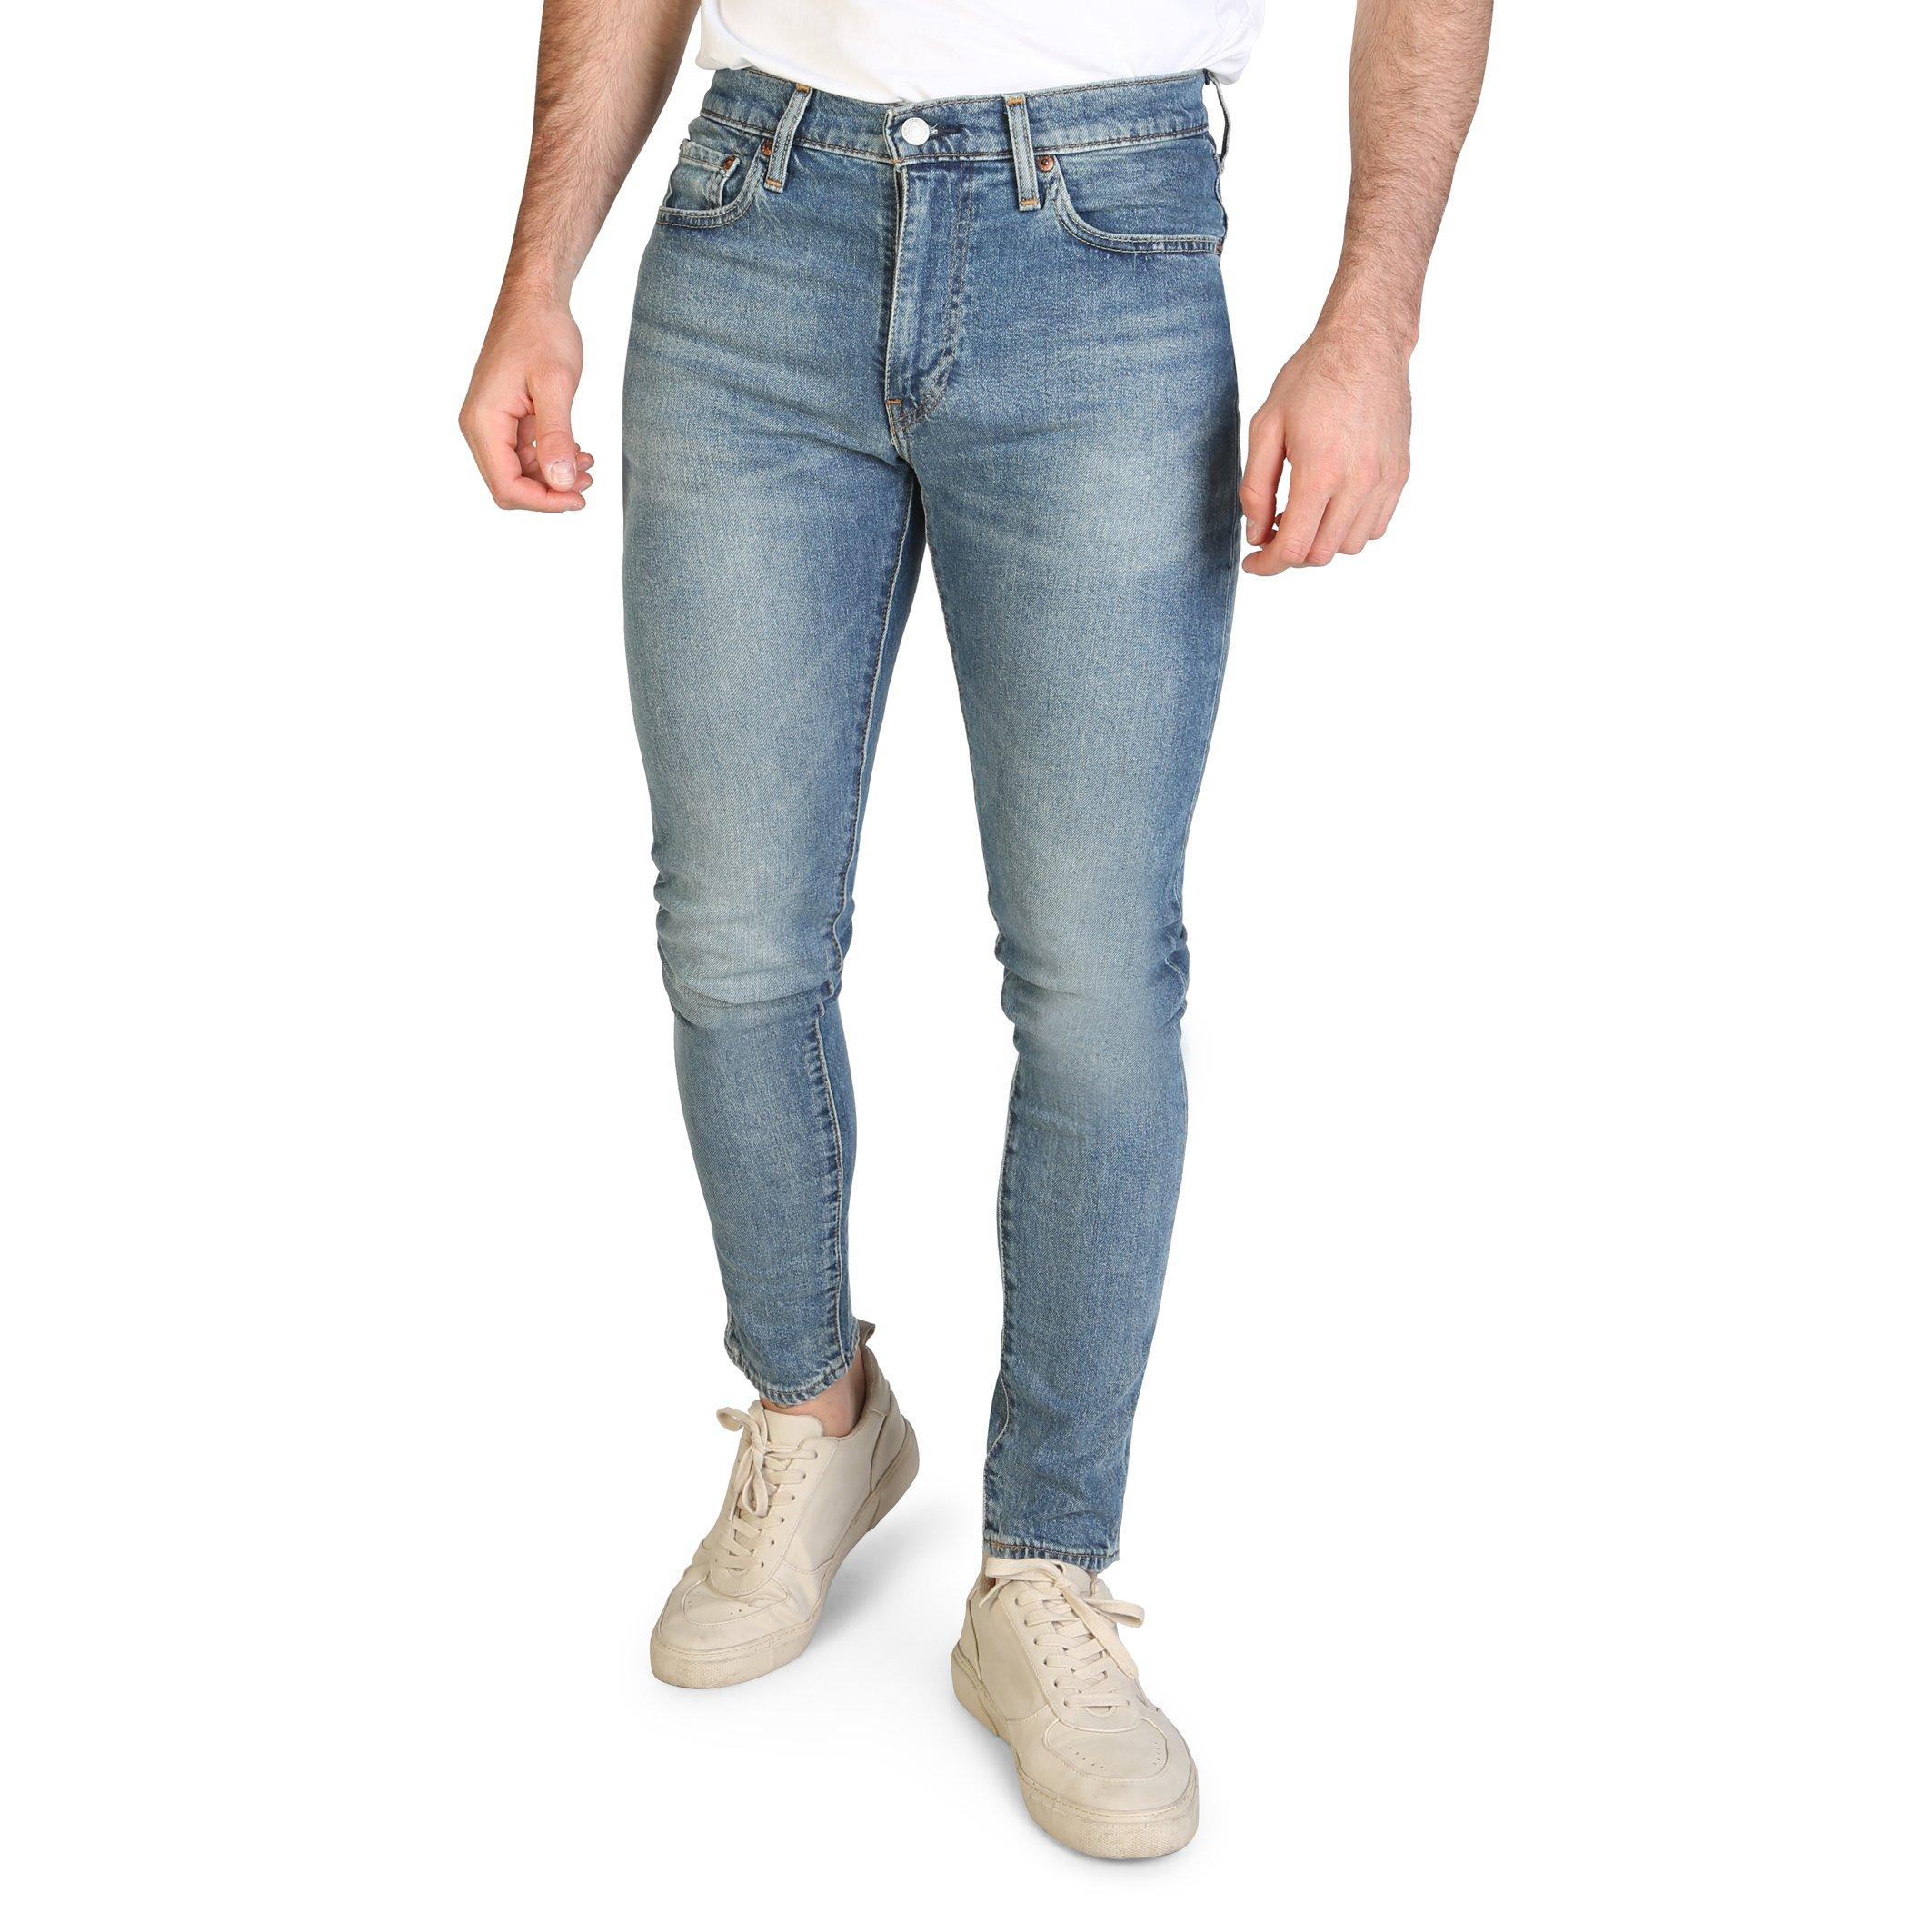 Levis Men's Jeans Blue 84558 - blue-2 30